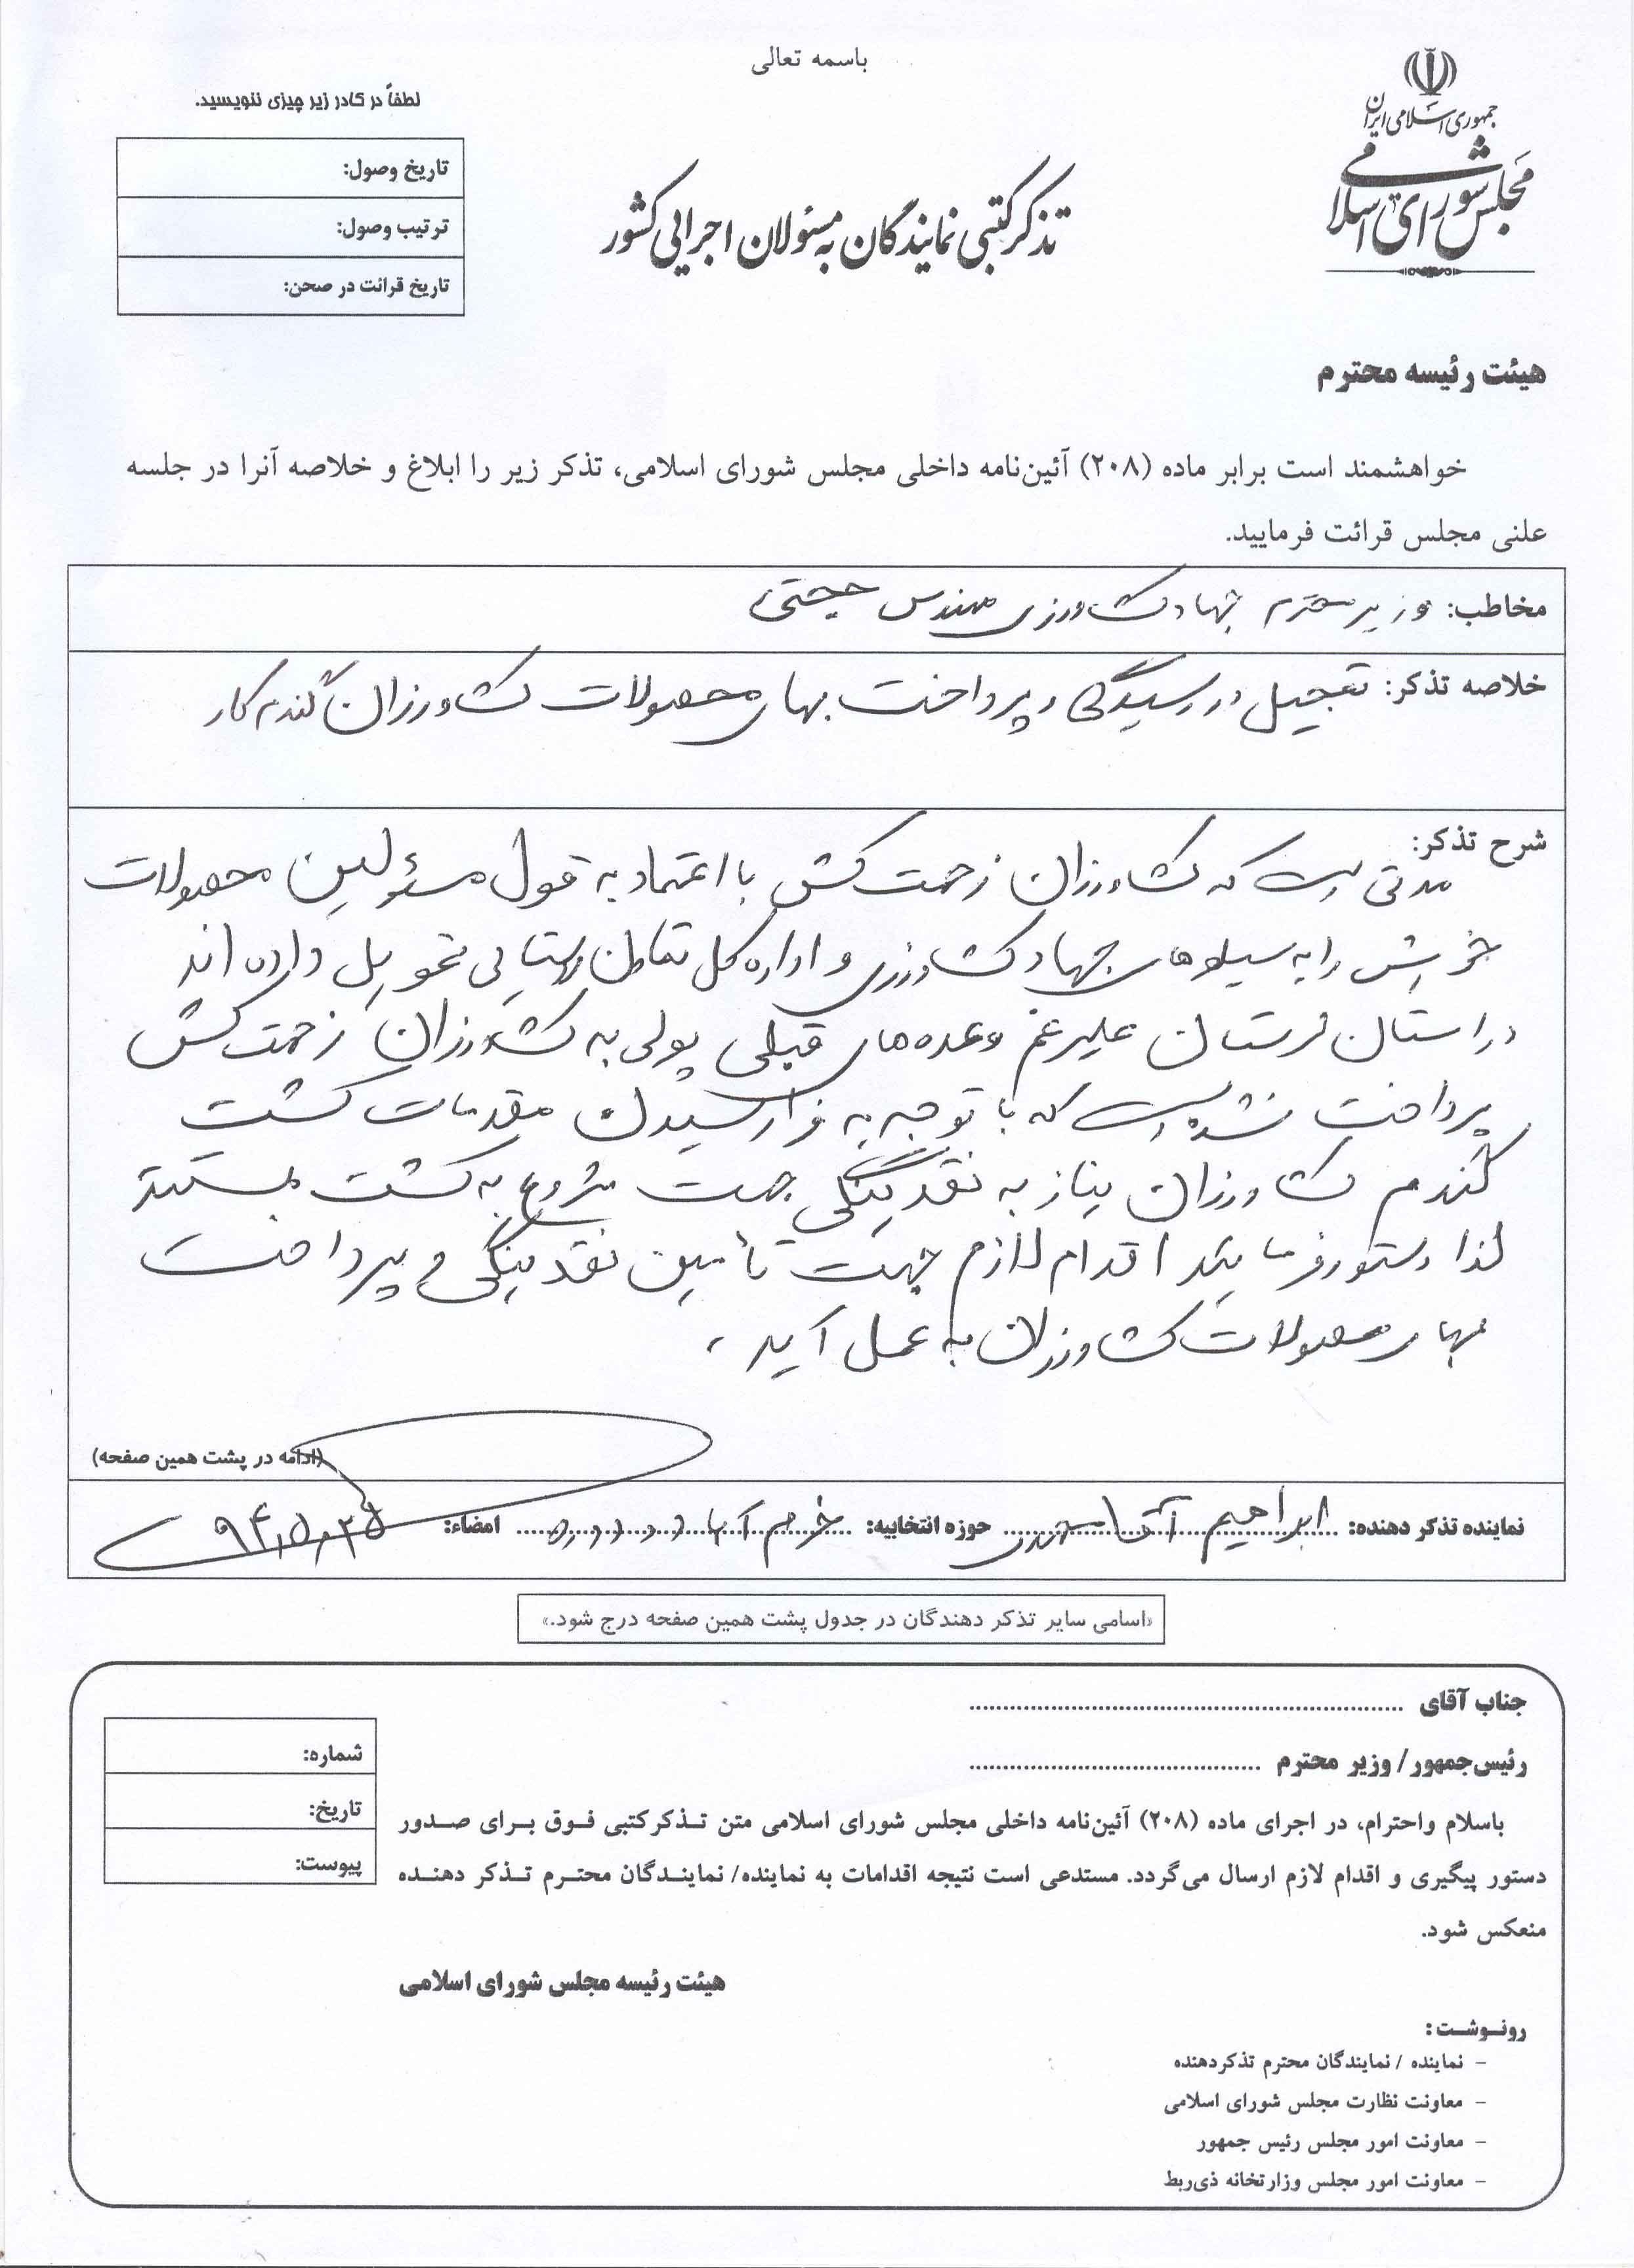 تذکر به وزیر جهاد 25 مرداد 94 002